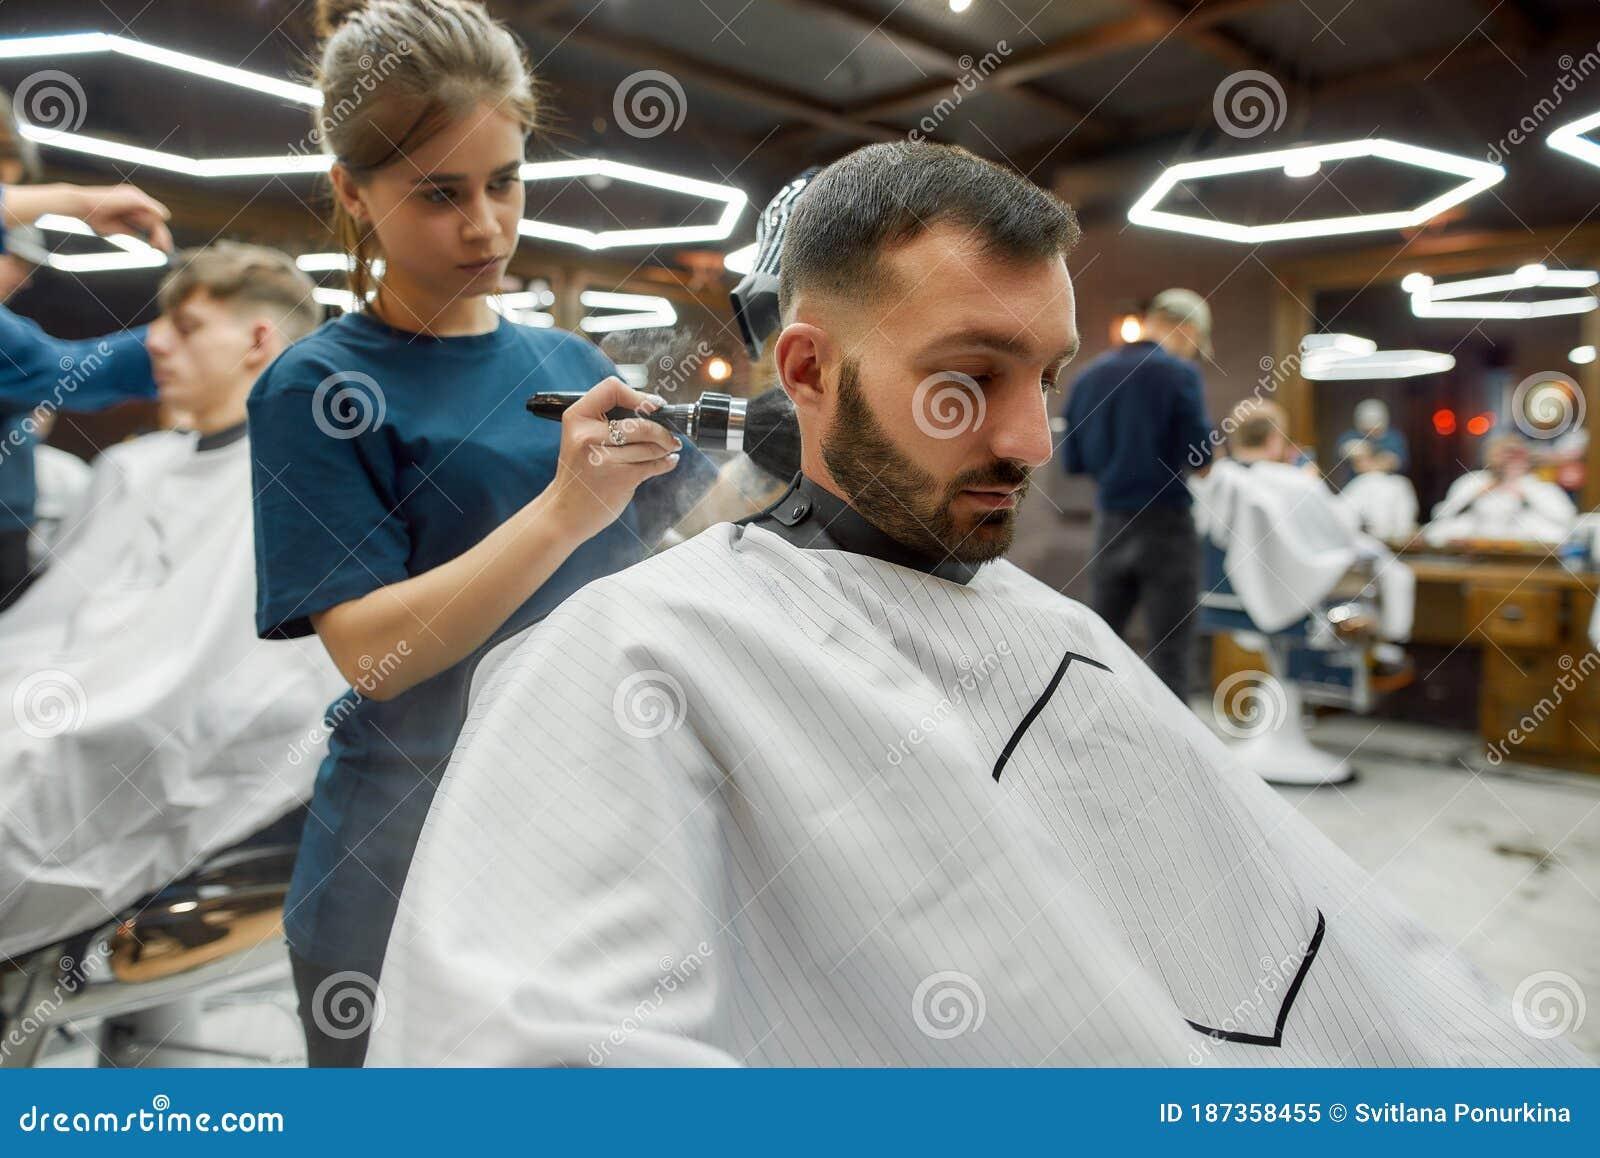 Девушки на работе в парикмахерской работа в находка